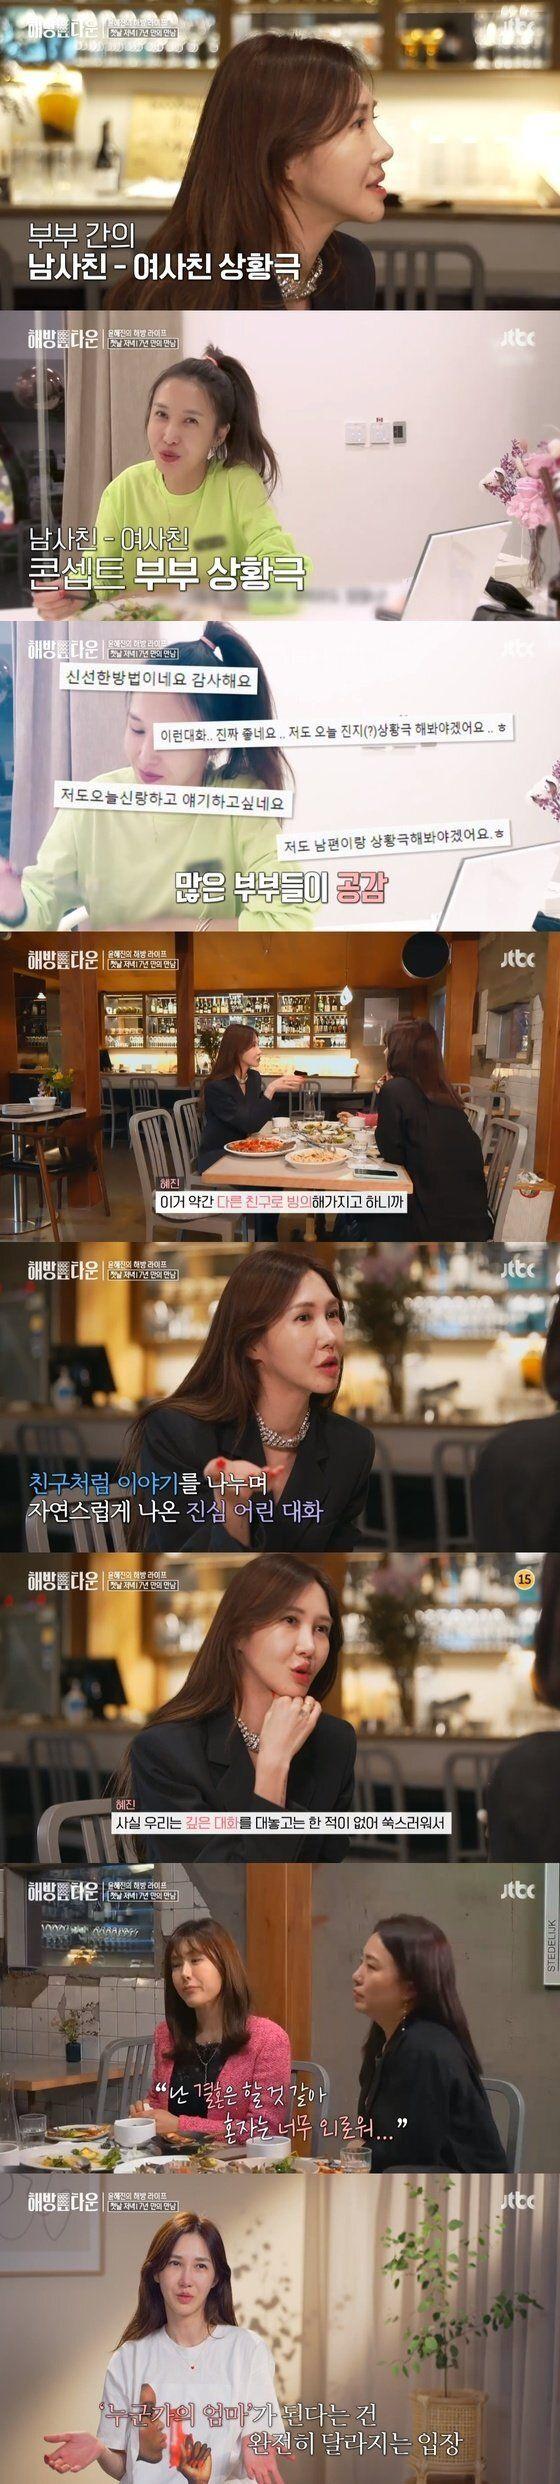 6월 1일 JTBC